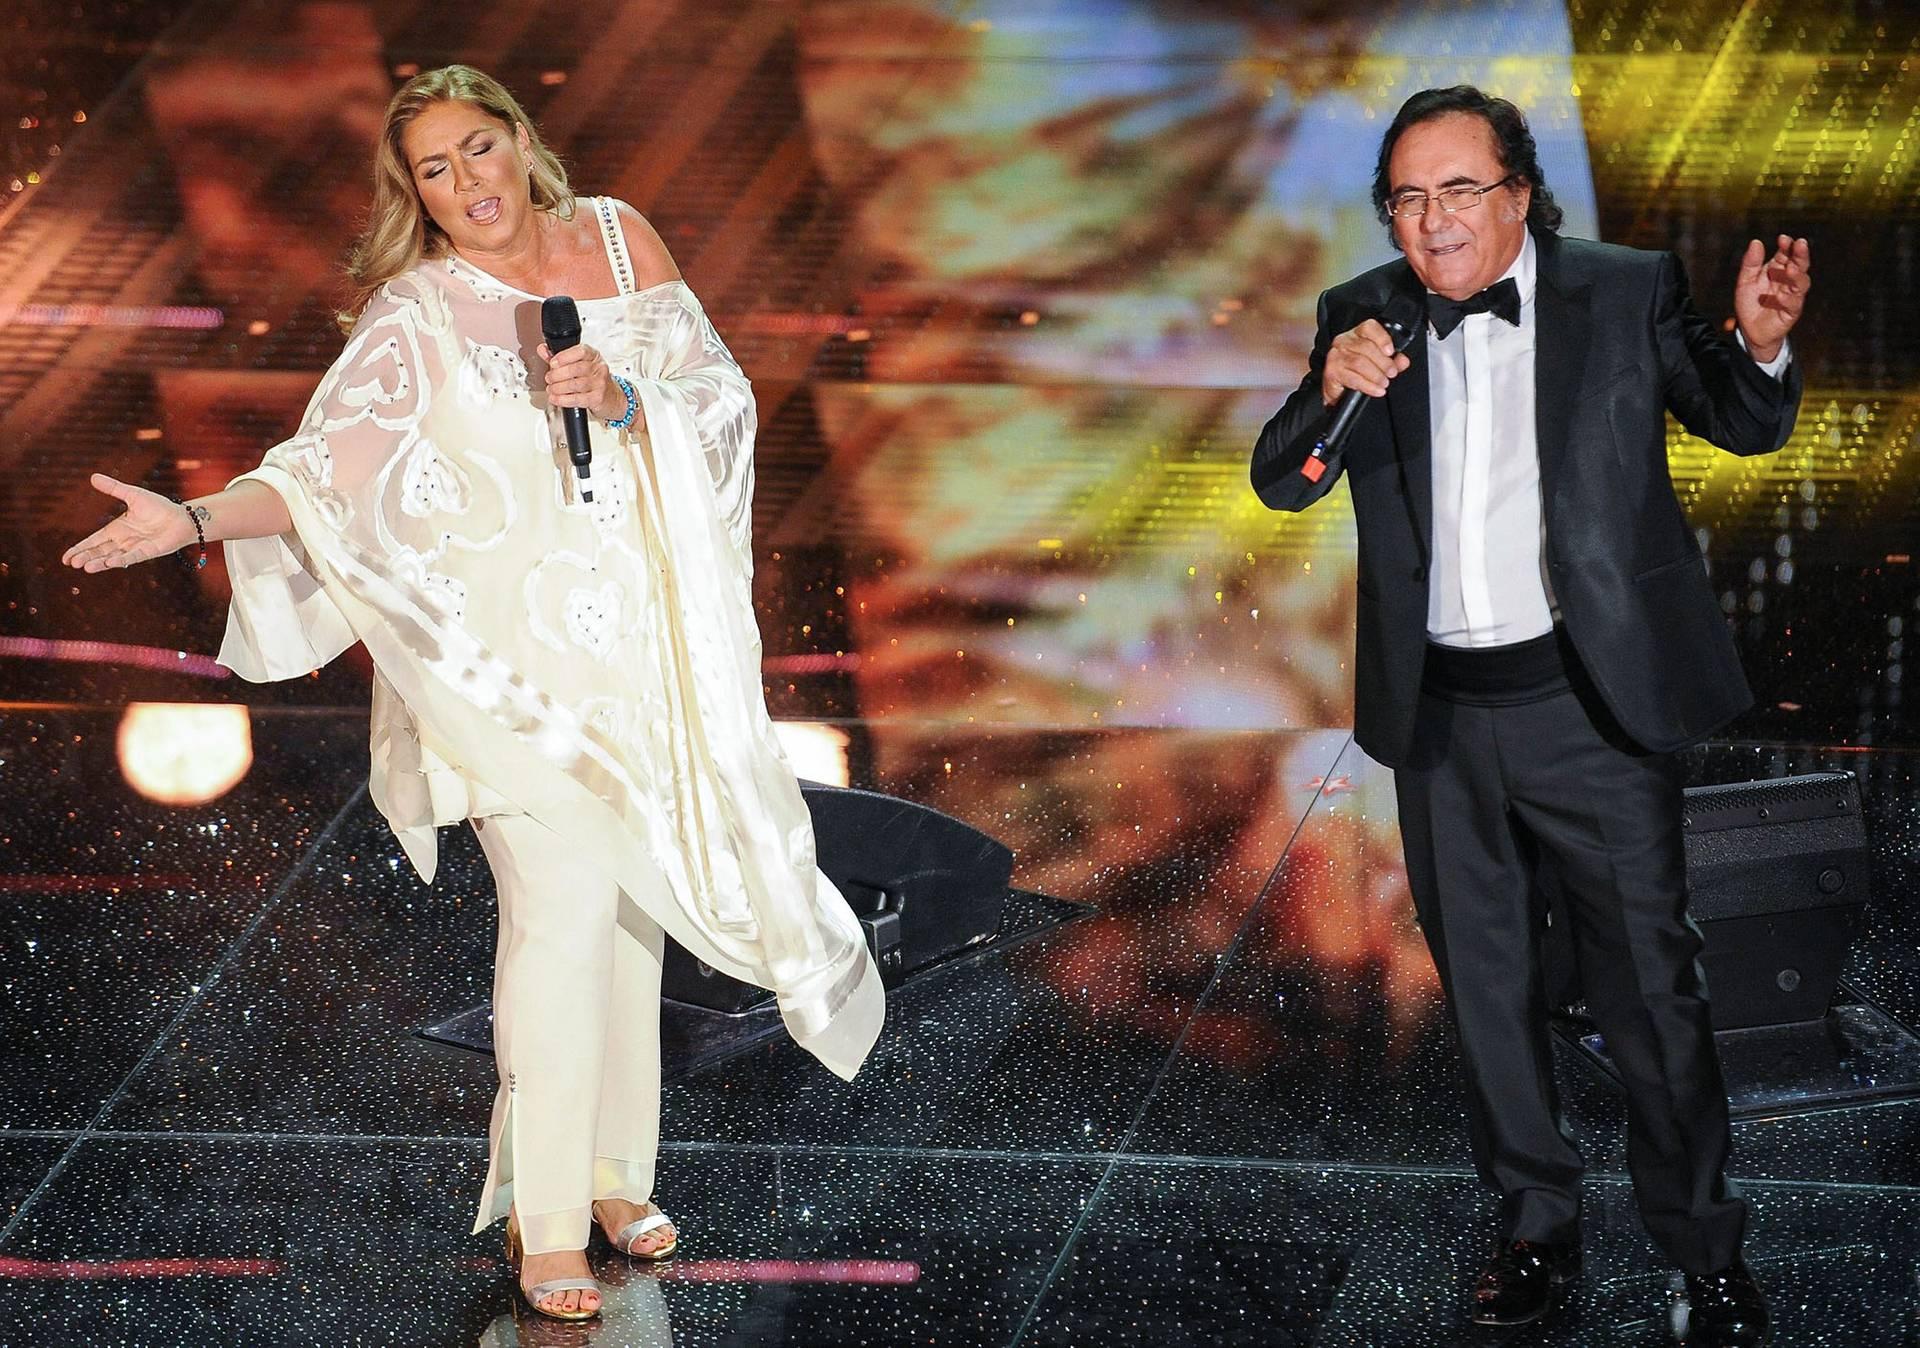 Італійська співоча подружня пара — Роміна Пауер (ліворуч) та Альбано Каррізі — виступають на фестивалі італійської пісні в Санремо, Італія, 10 лютого 2015 року